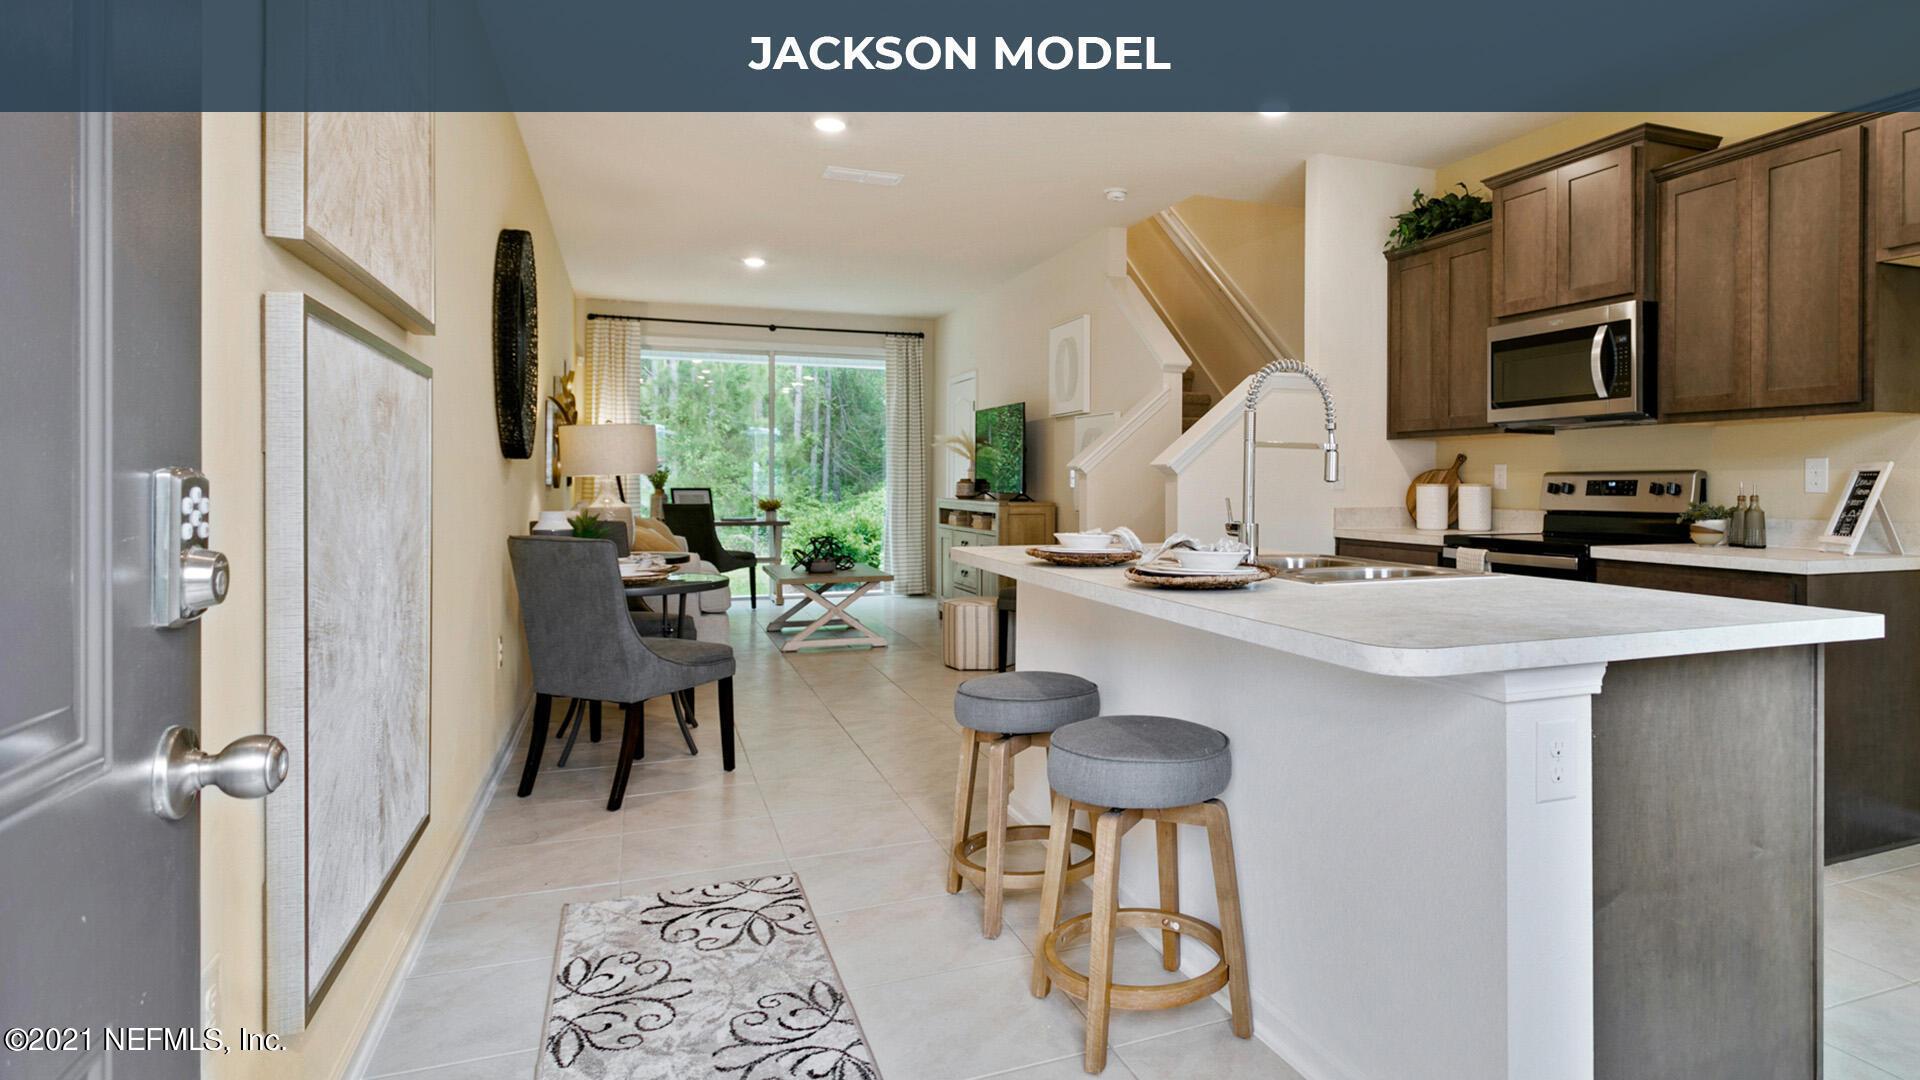 575 OAKLEAF PLANTATION, ORANGE PARK, FLORIDA 32065, 2 Bedrooms Bedrooms, ,2 BathroomsBathrooms,Residential,For sale,OAKLEAF PLANTATION,1096080